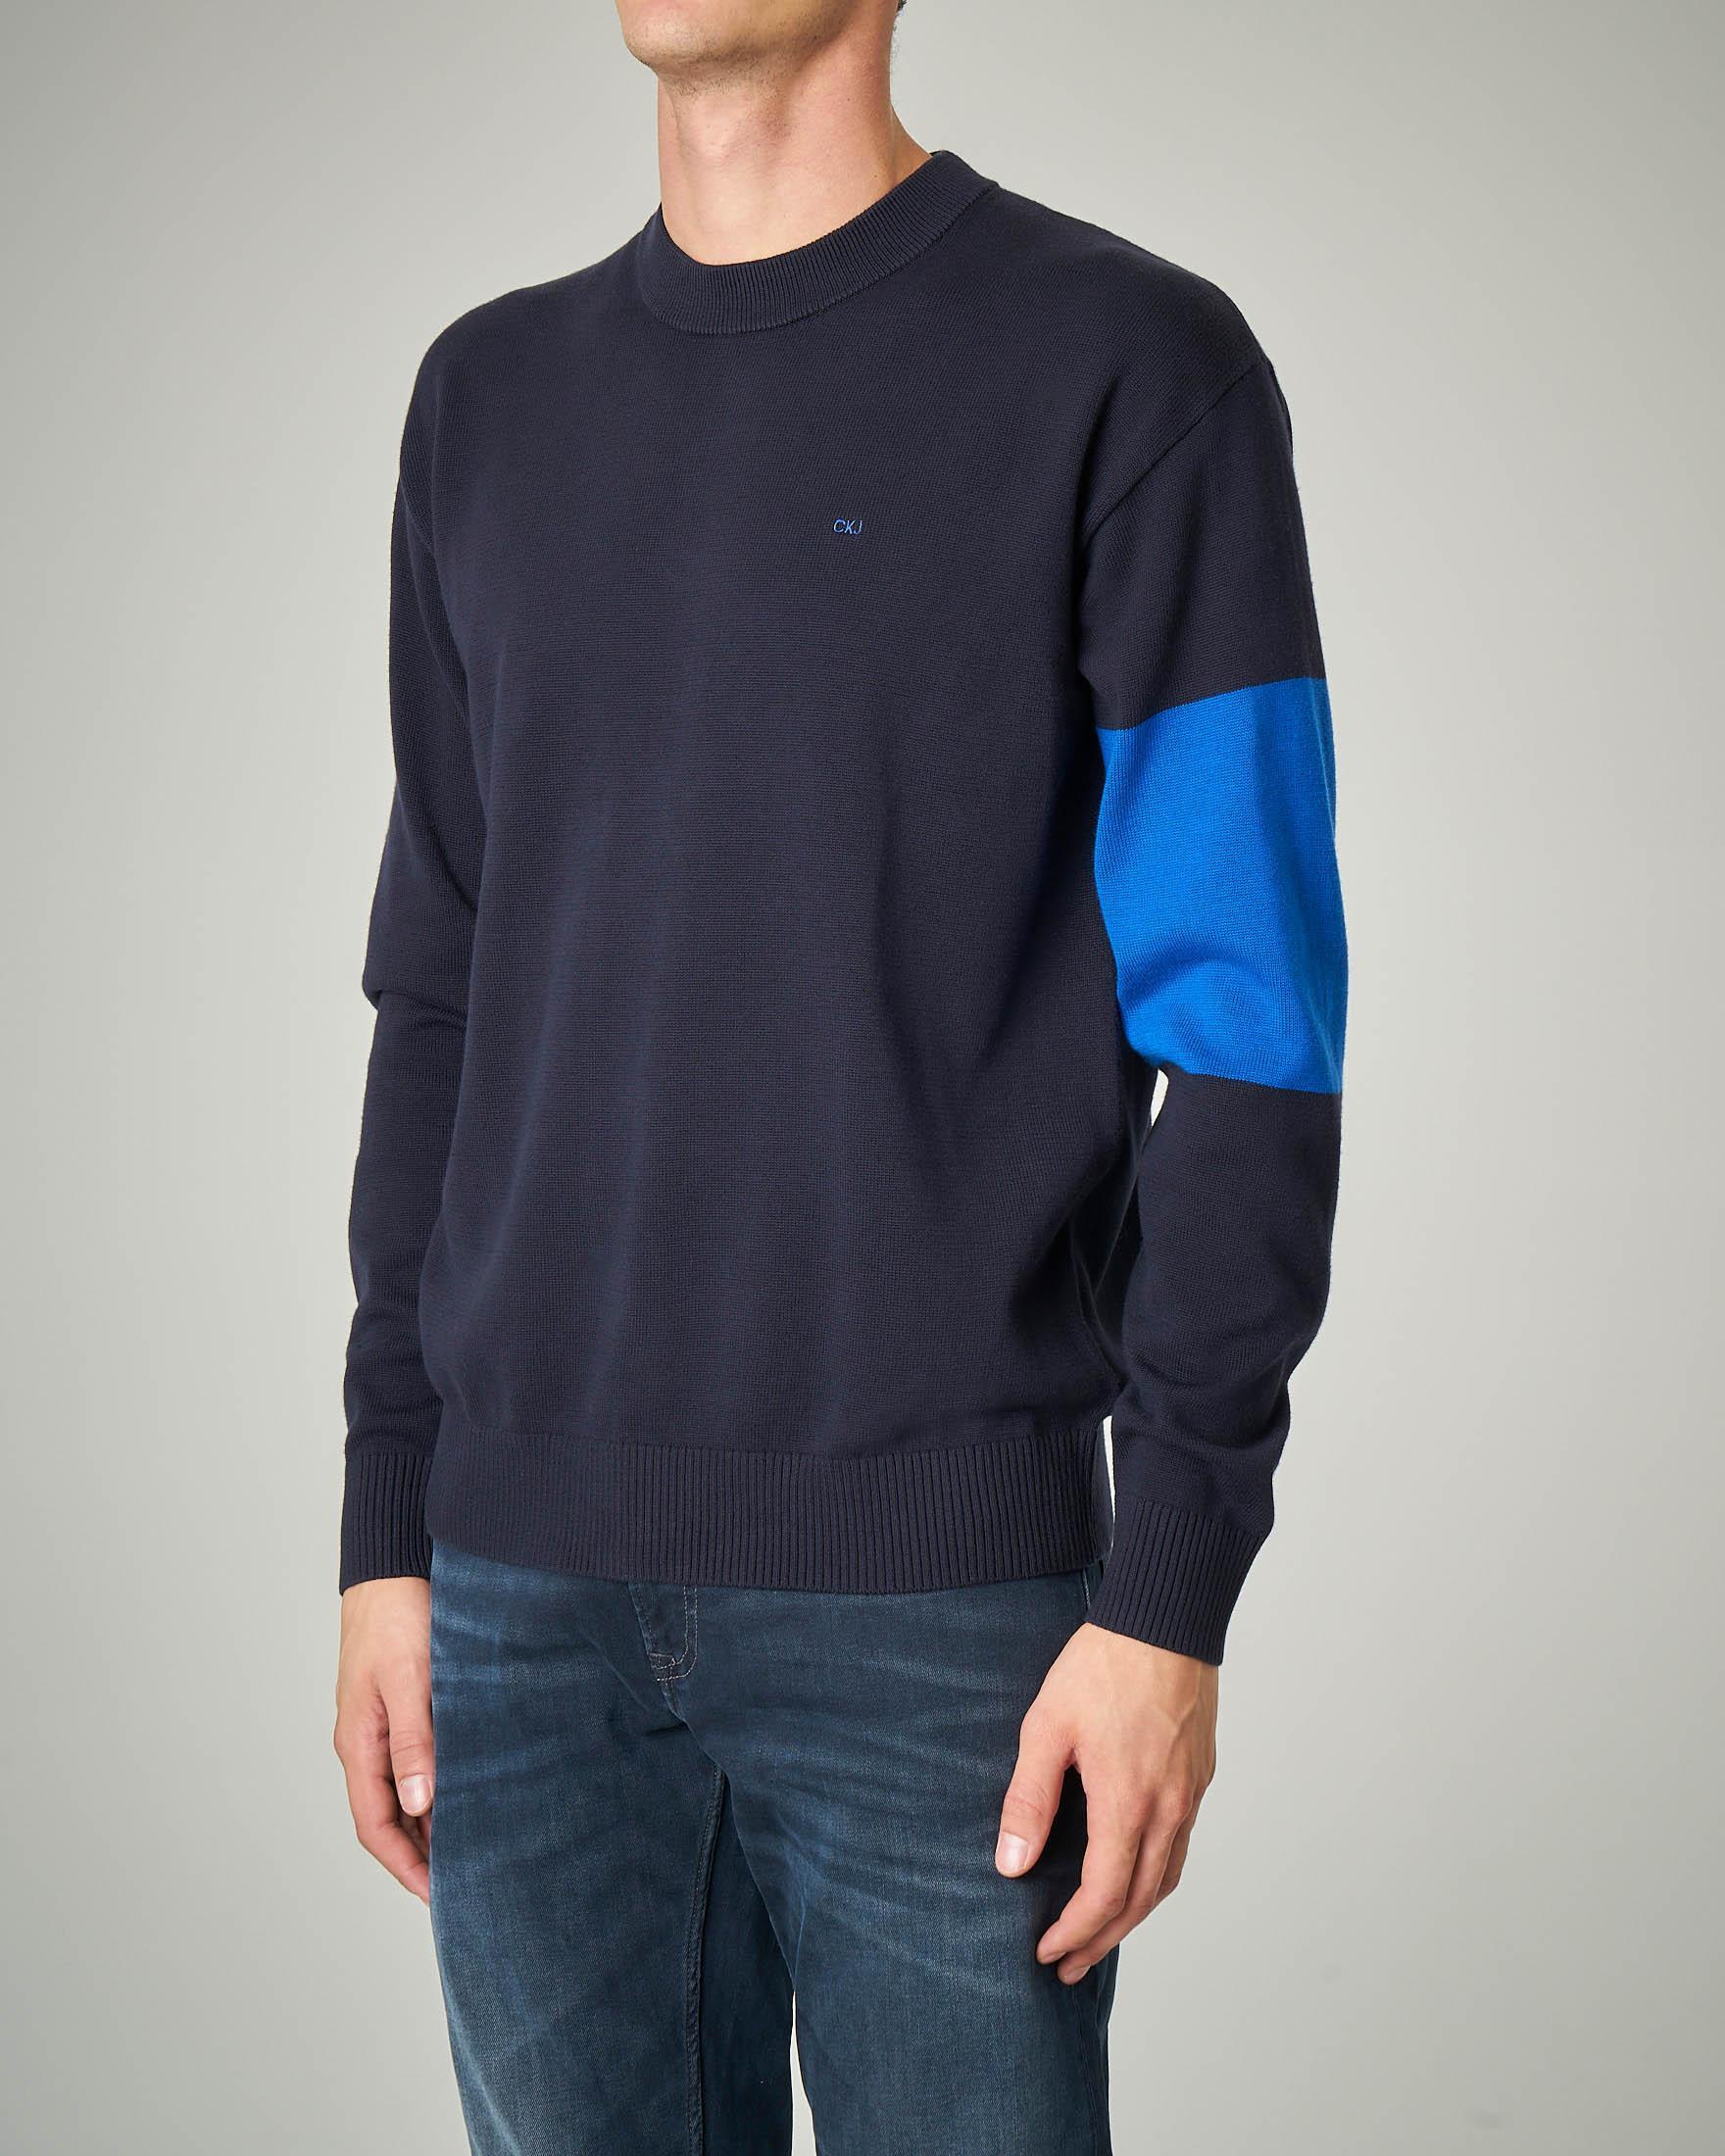 Maglia blu girocollo in cotone con fascia azzurra